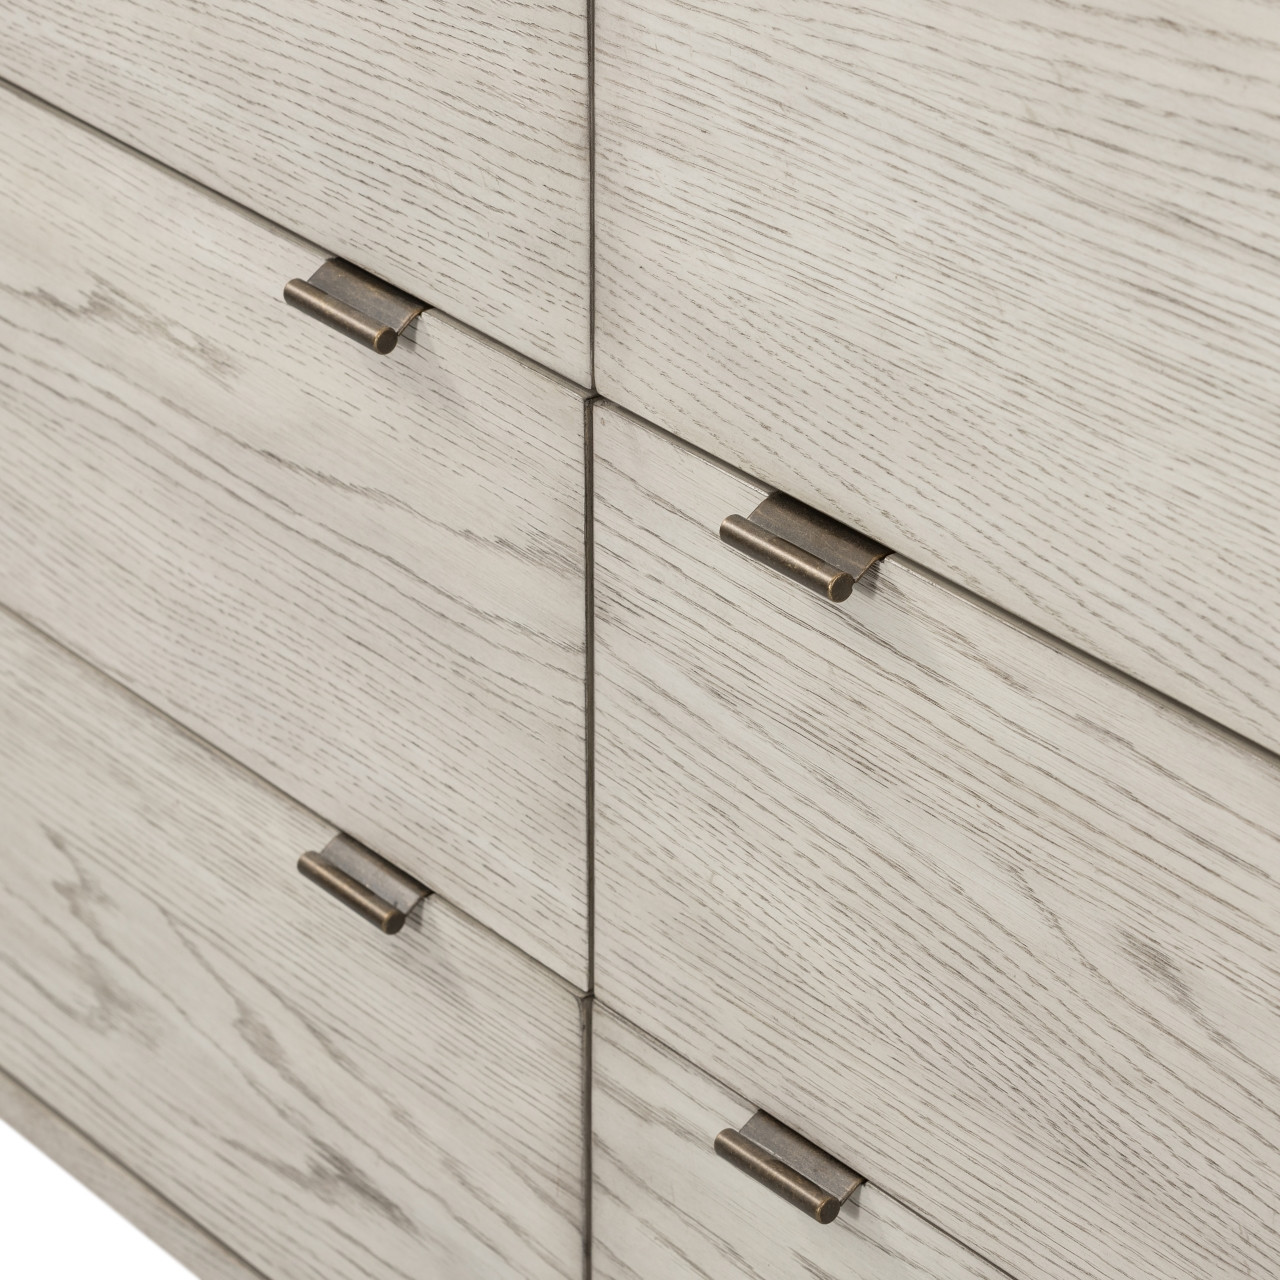 Vienna 6 Drawer Dresser - Vintage White Oak